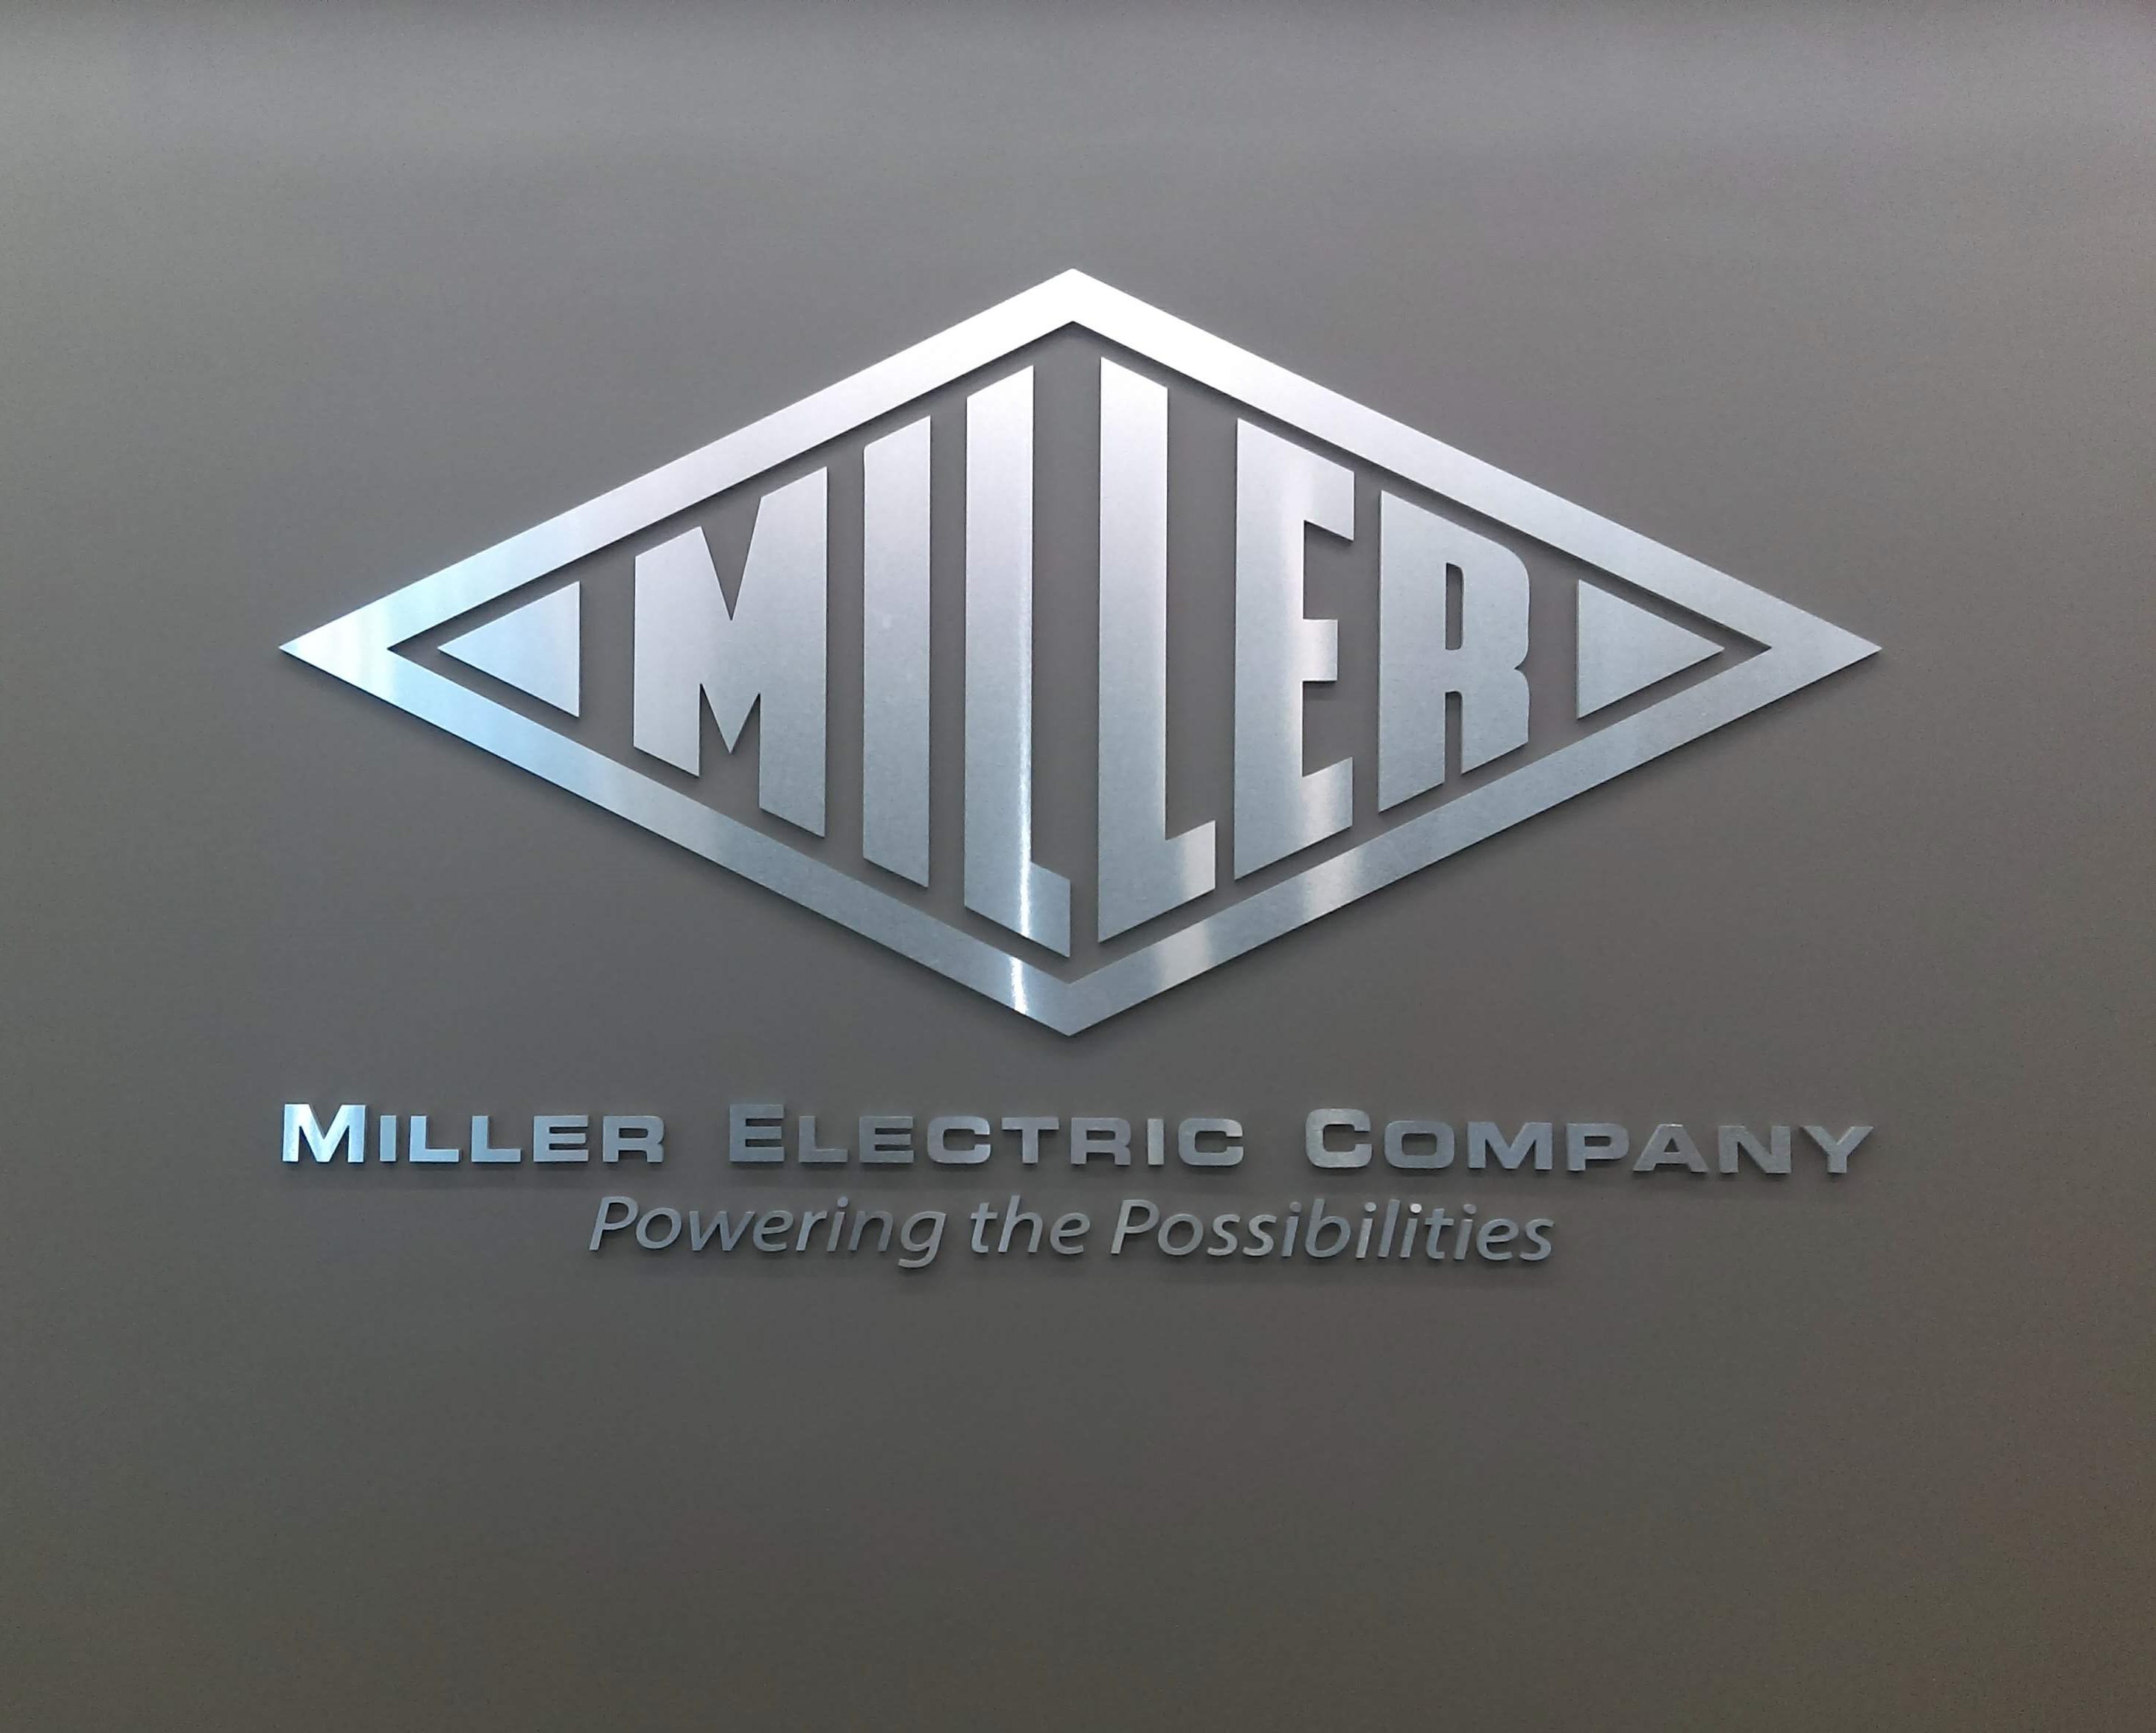 IMAG1604cmiller interior stainless logo